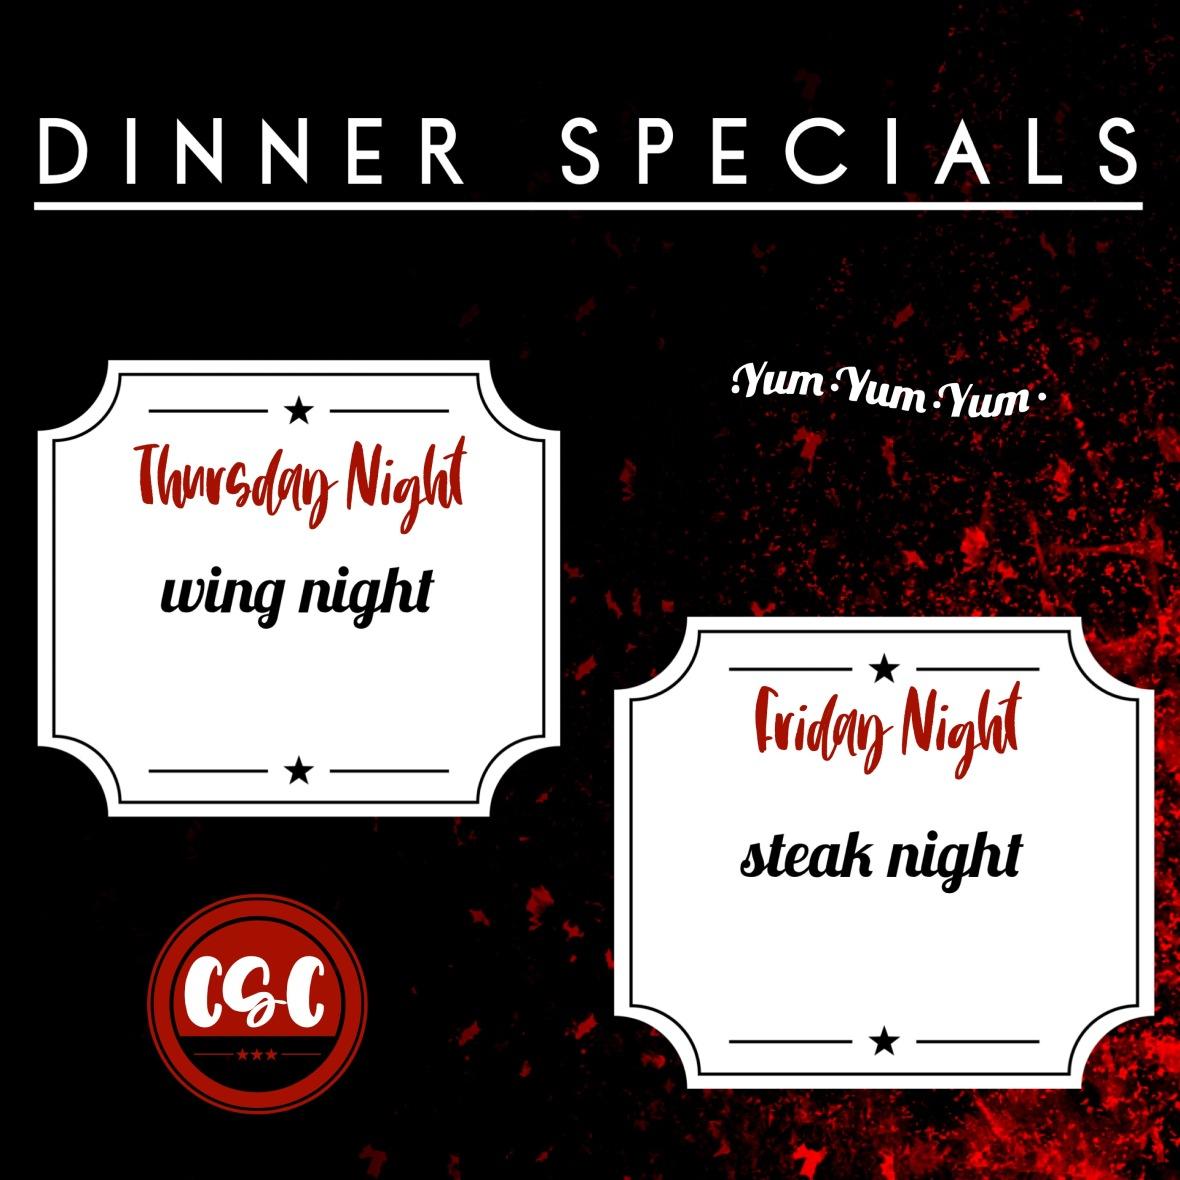 dinner specials june 3